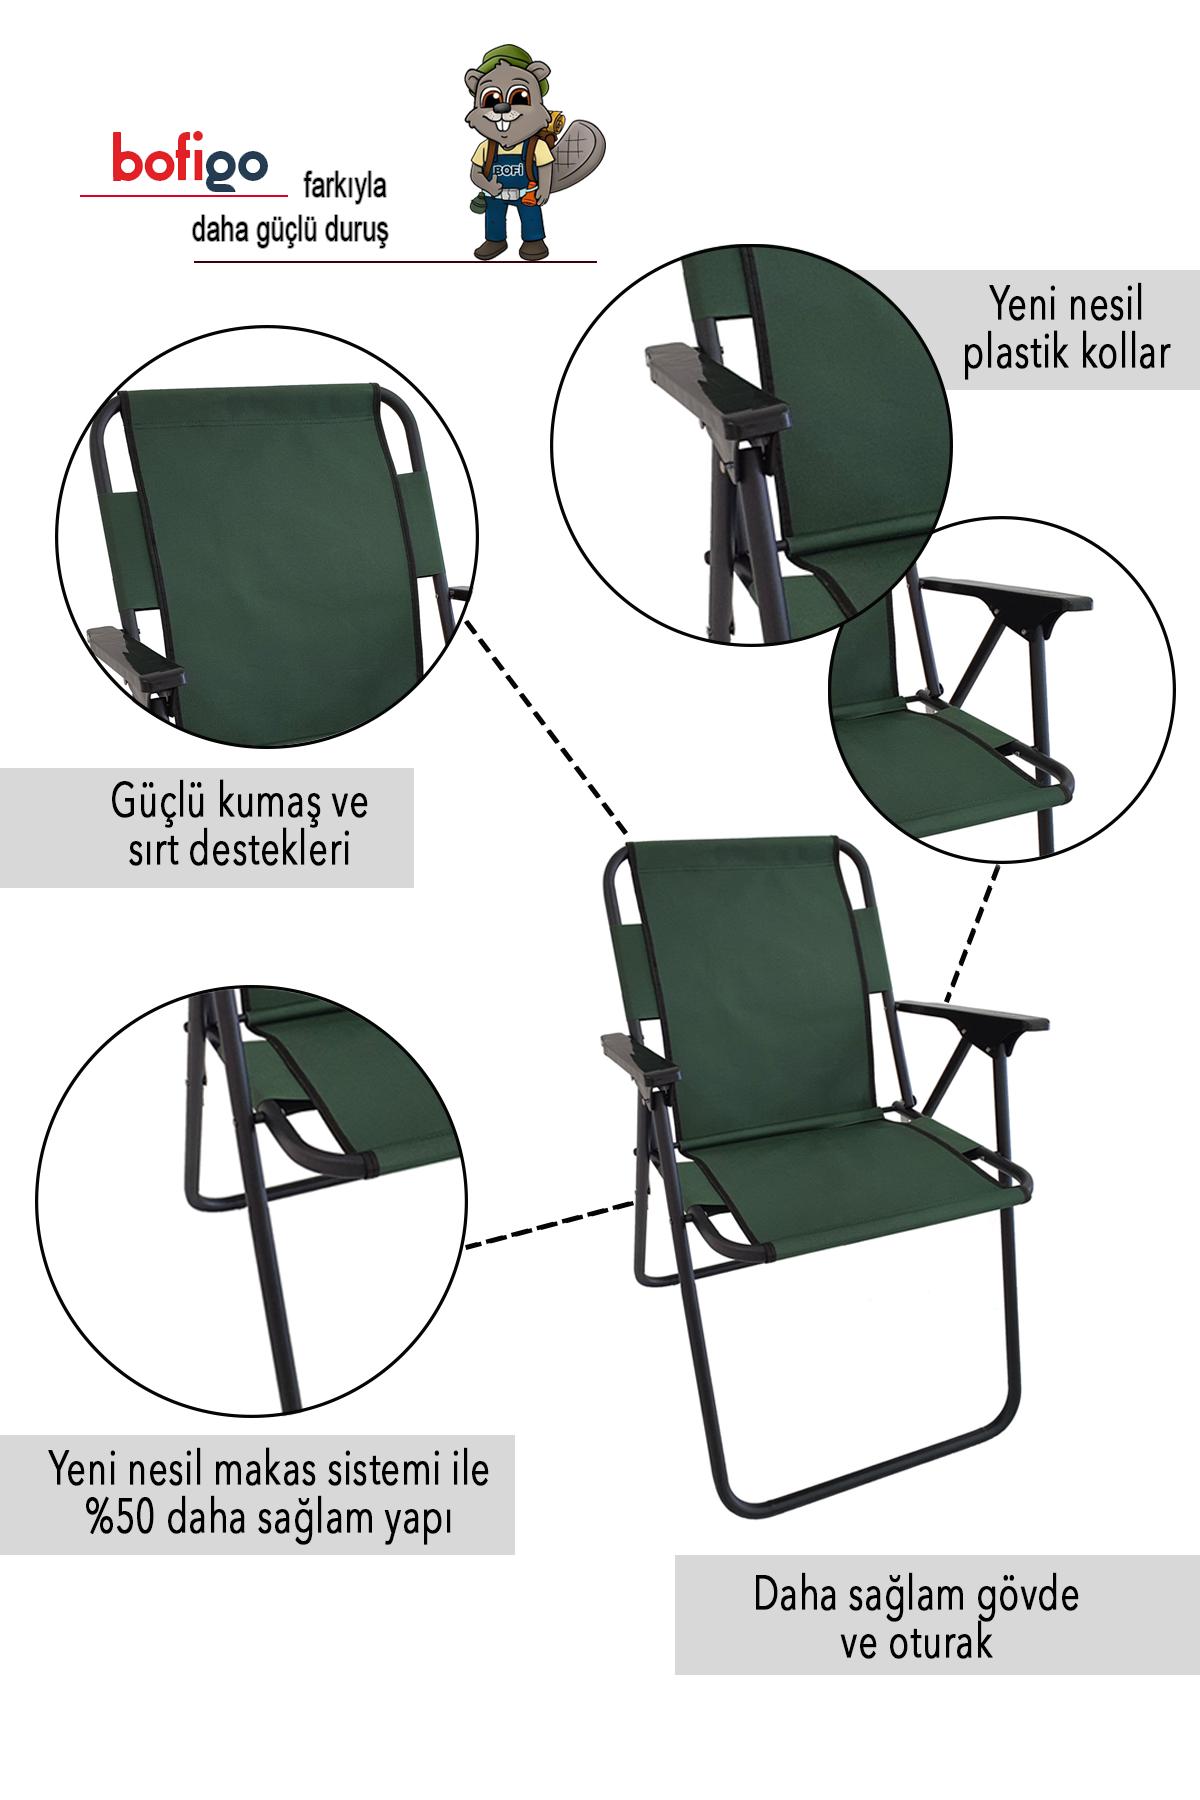 Bofigo 3 Adet Kamp Sandalyesi Katlanır Sandalye Piknik Sandalyesi Plaj Sandalyesi Yeşil